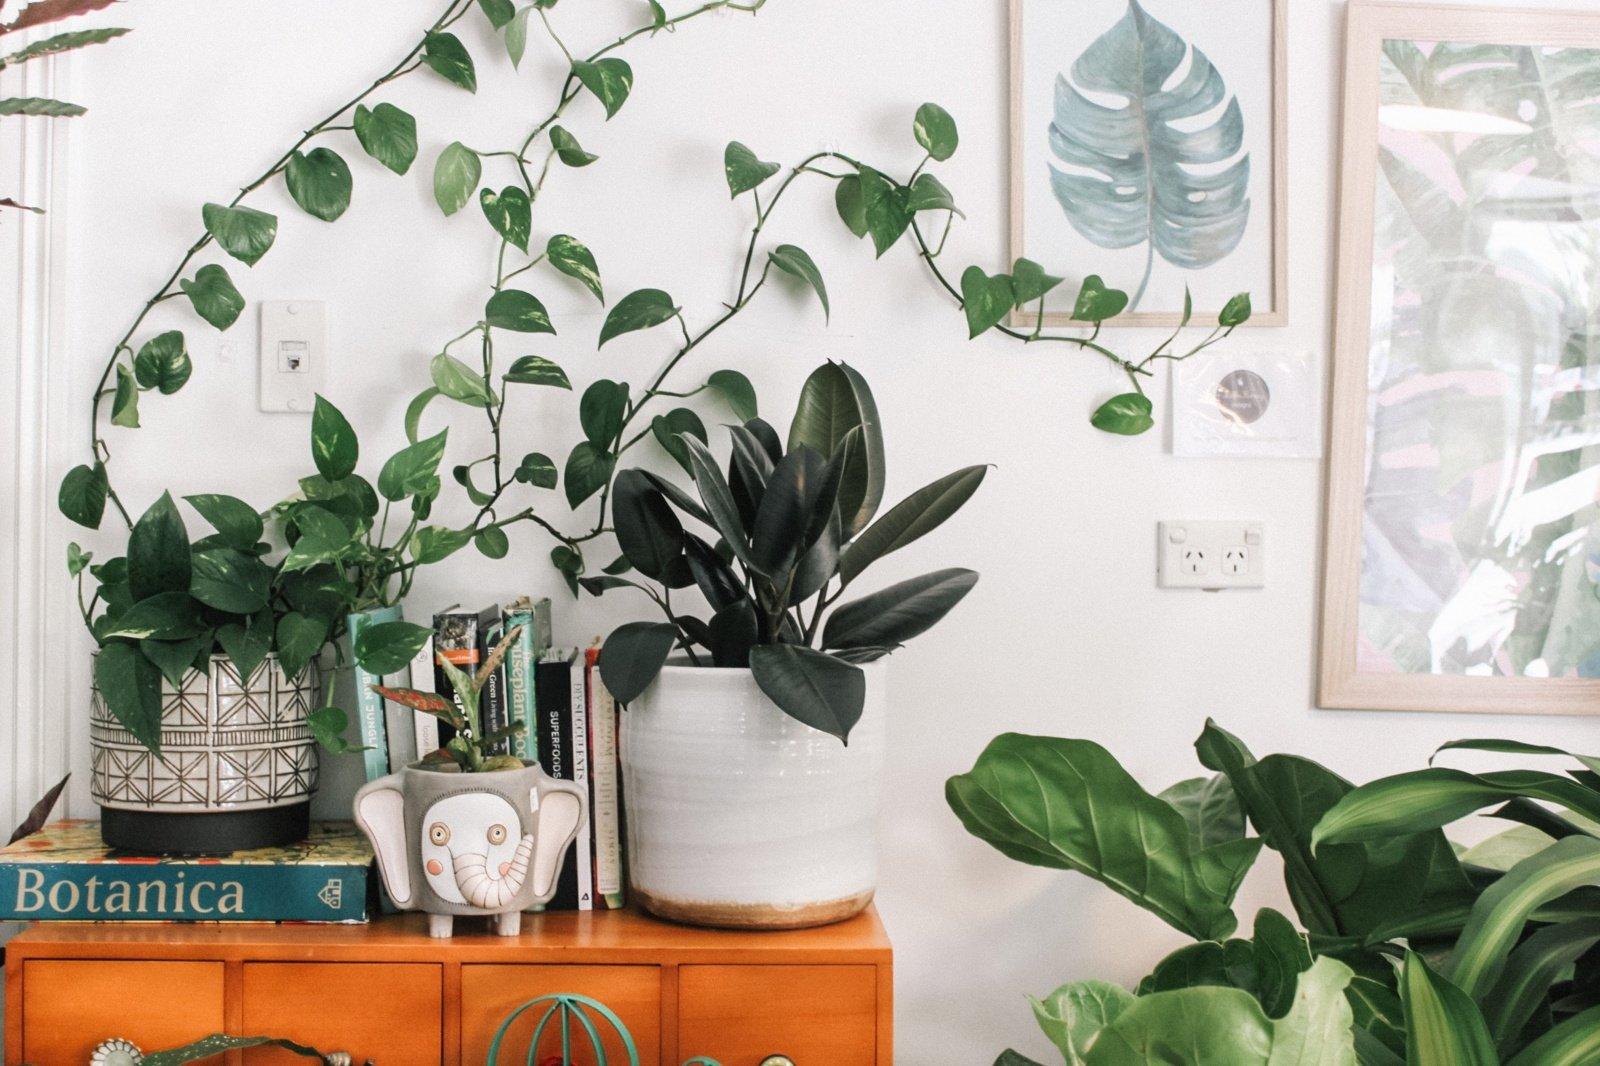 Kokie kambariniai augalai pritrauks laimę konkrečiam Zodiako ženklui?